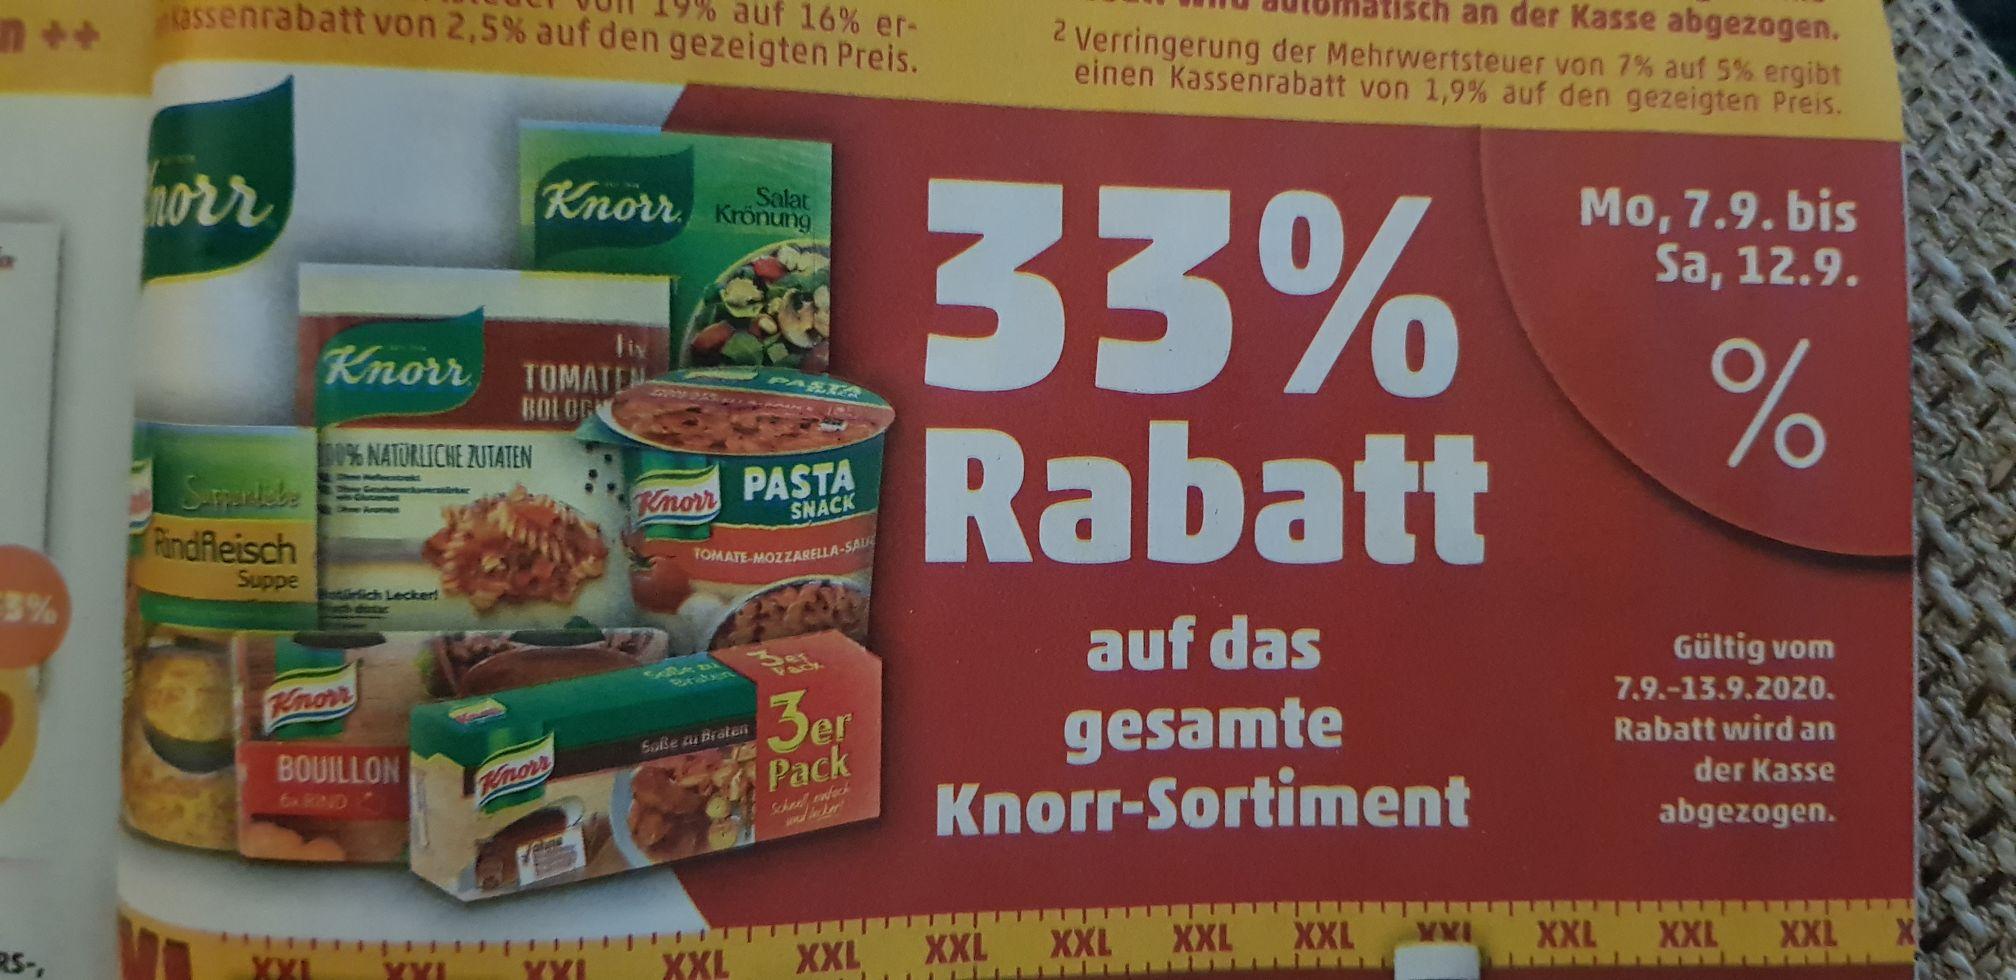 [Penny] 33% Rabatt auf das gesamte Knorr Sortiment